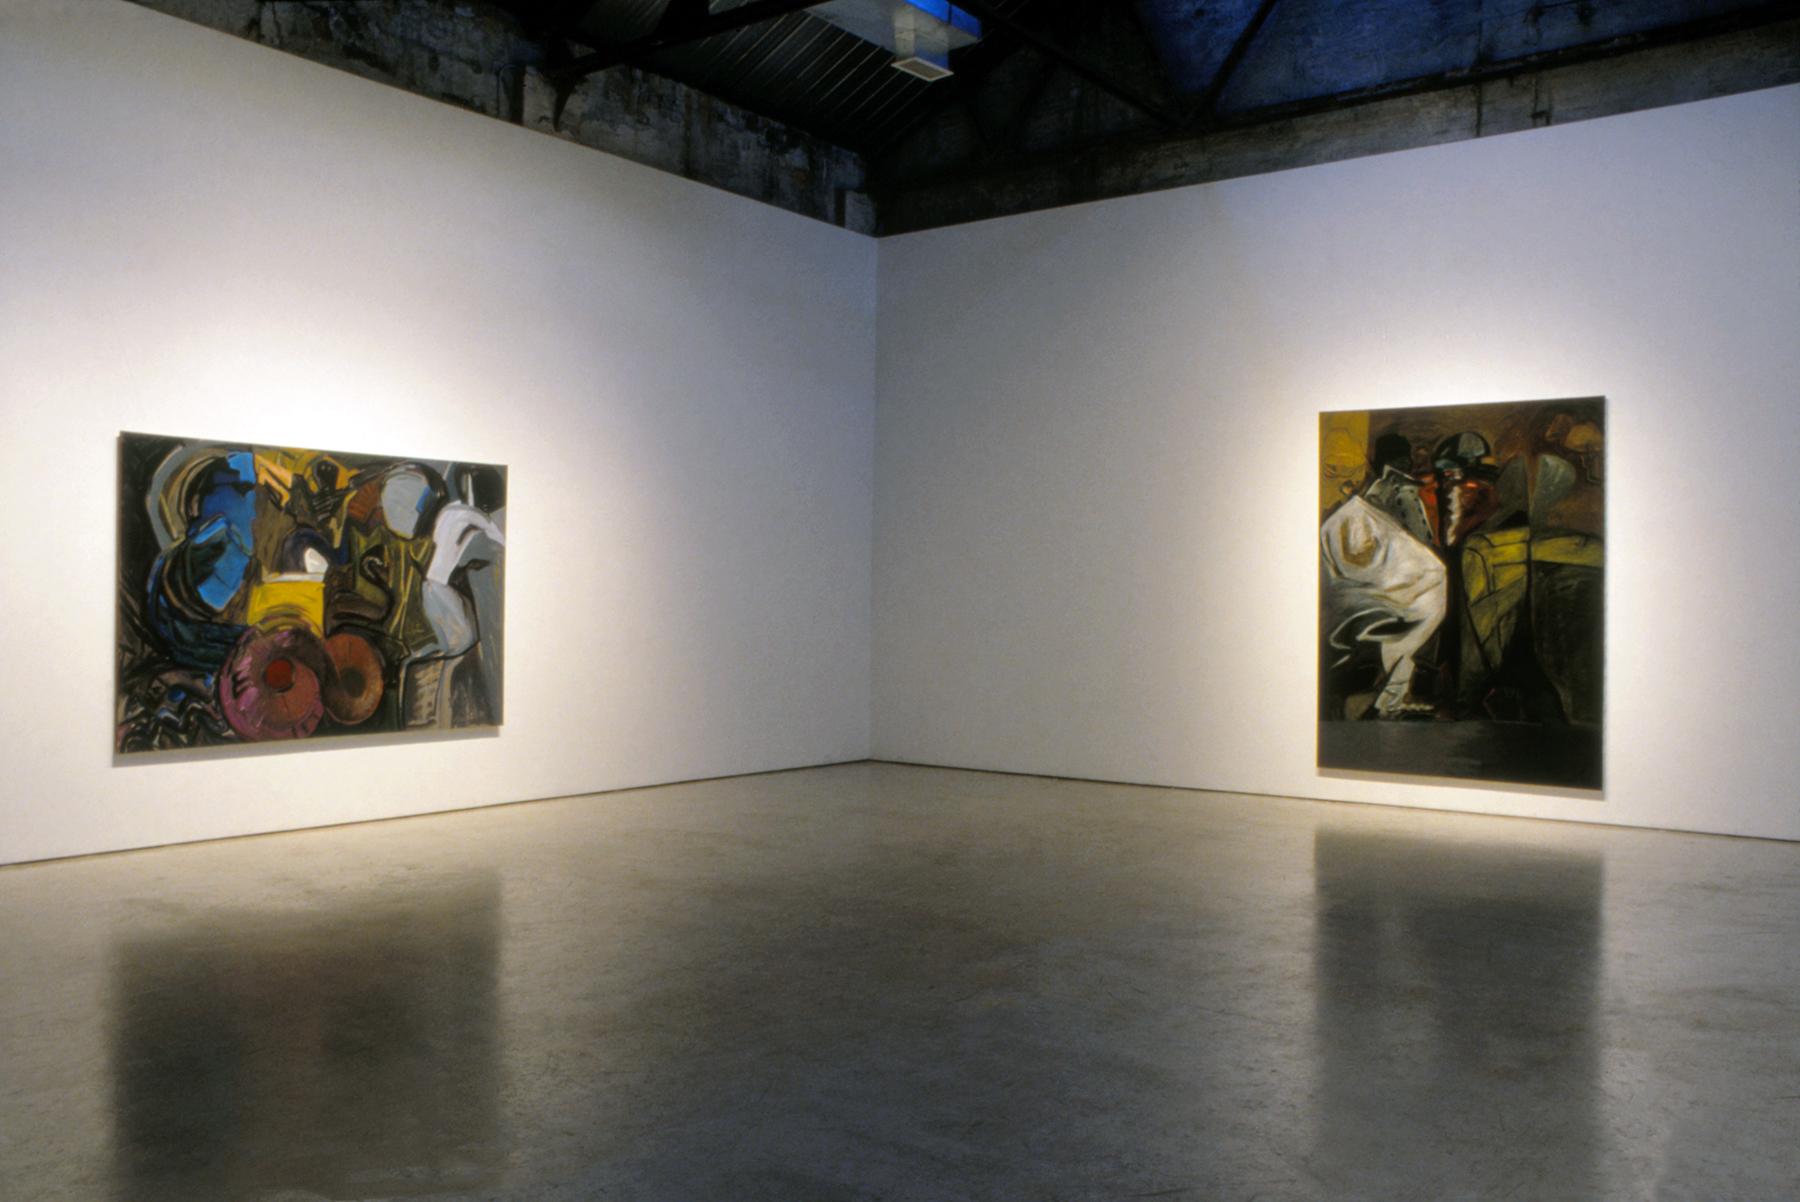 128 Plotek Leopold Installation olga korper gallery III 1995 138231.jpg